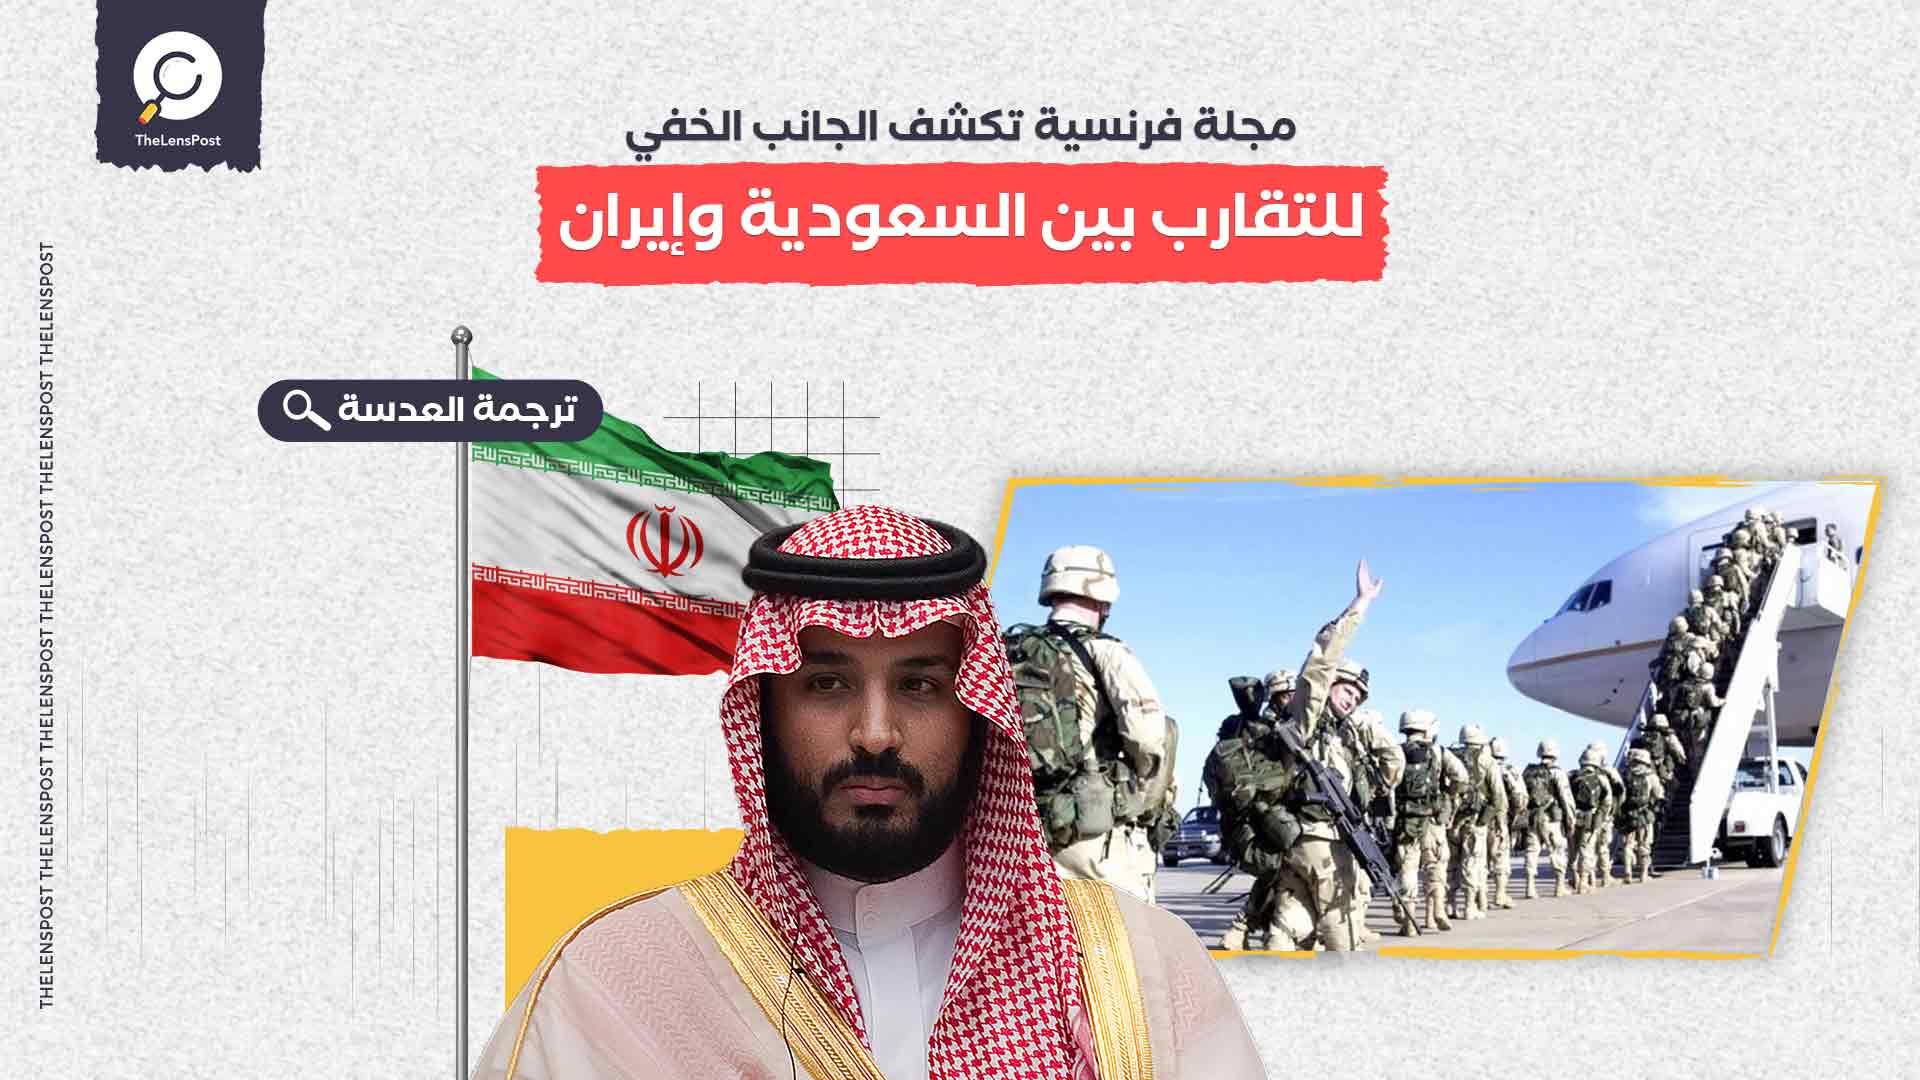 مجلة فرنسية تكشف الجانب الخفي للتقارب بين السعودية وإيران